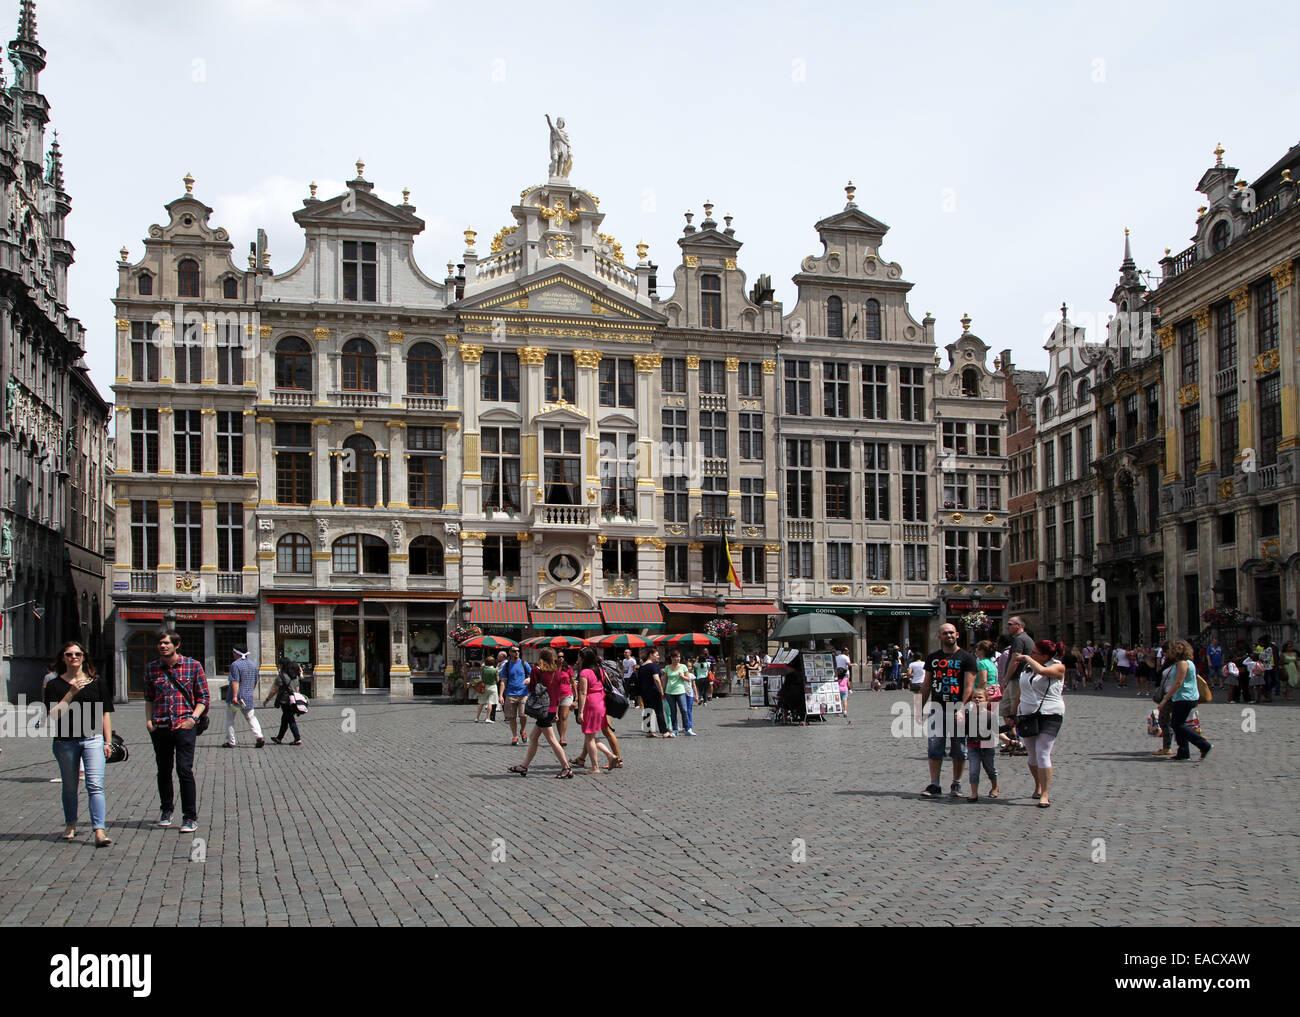 Dating sites in belgium